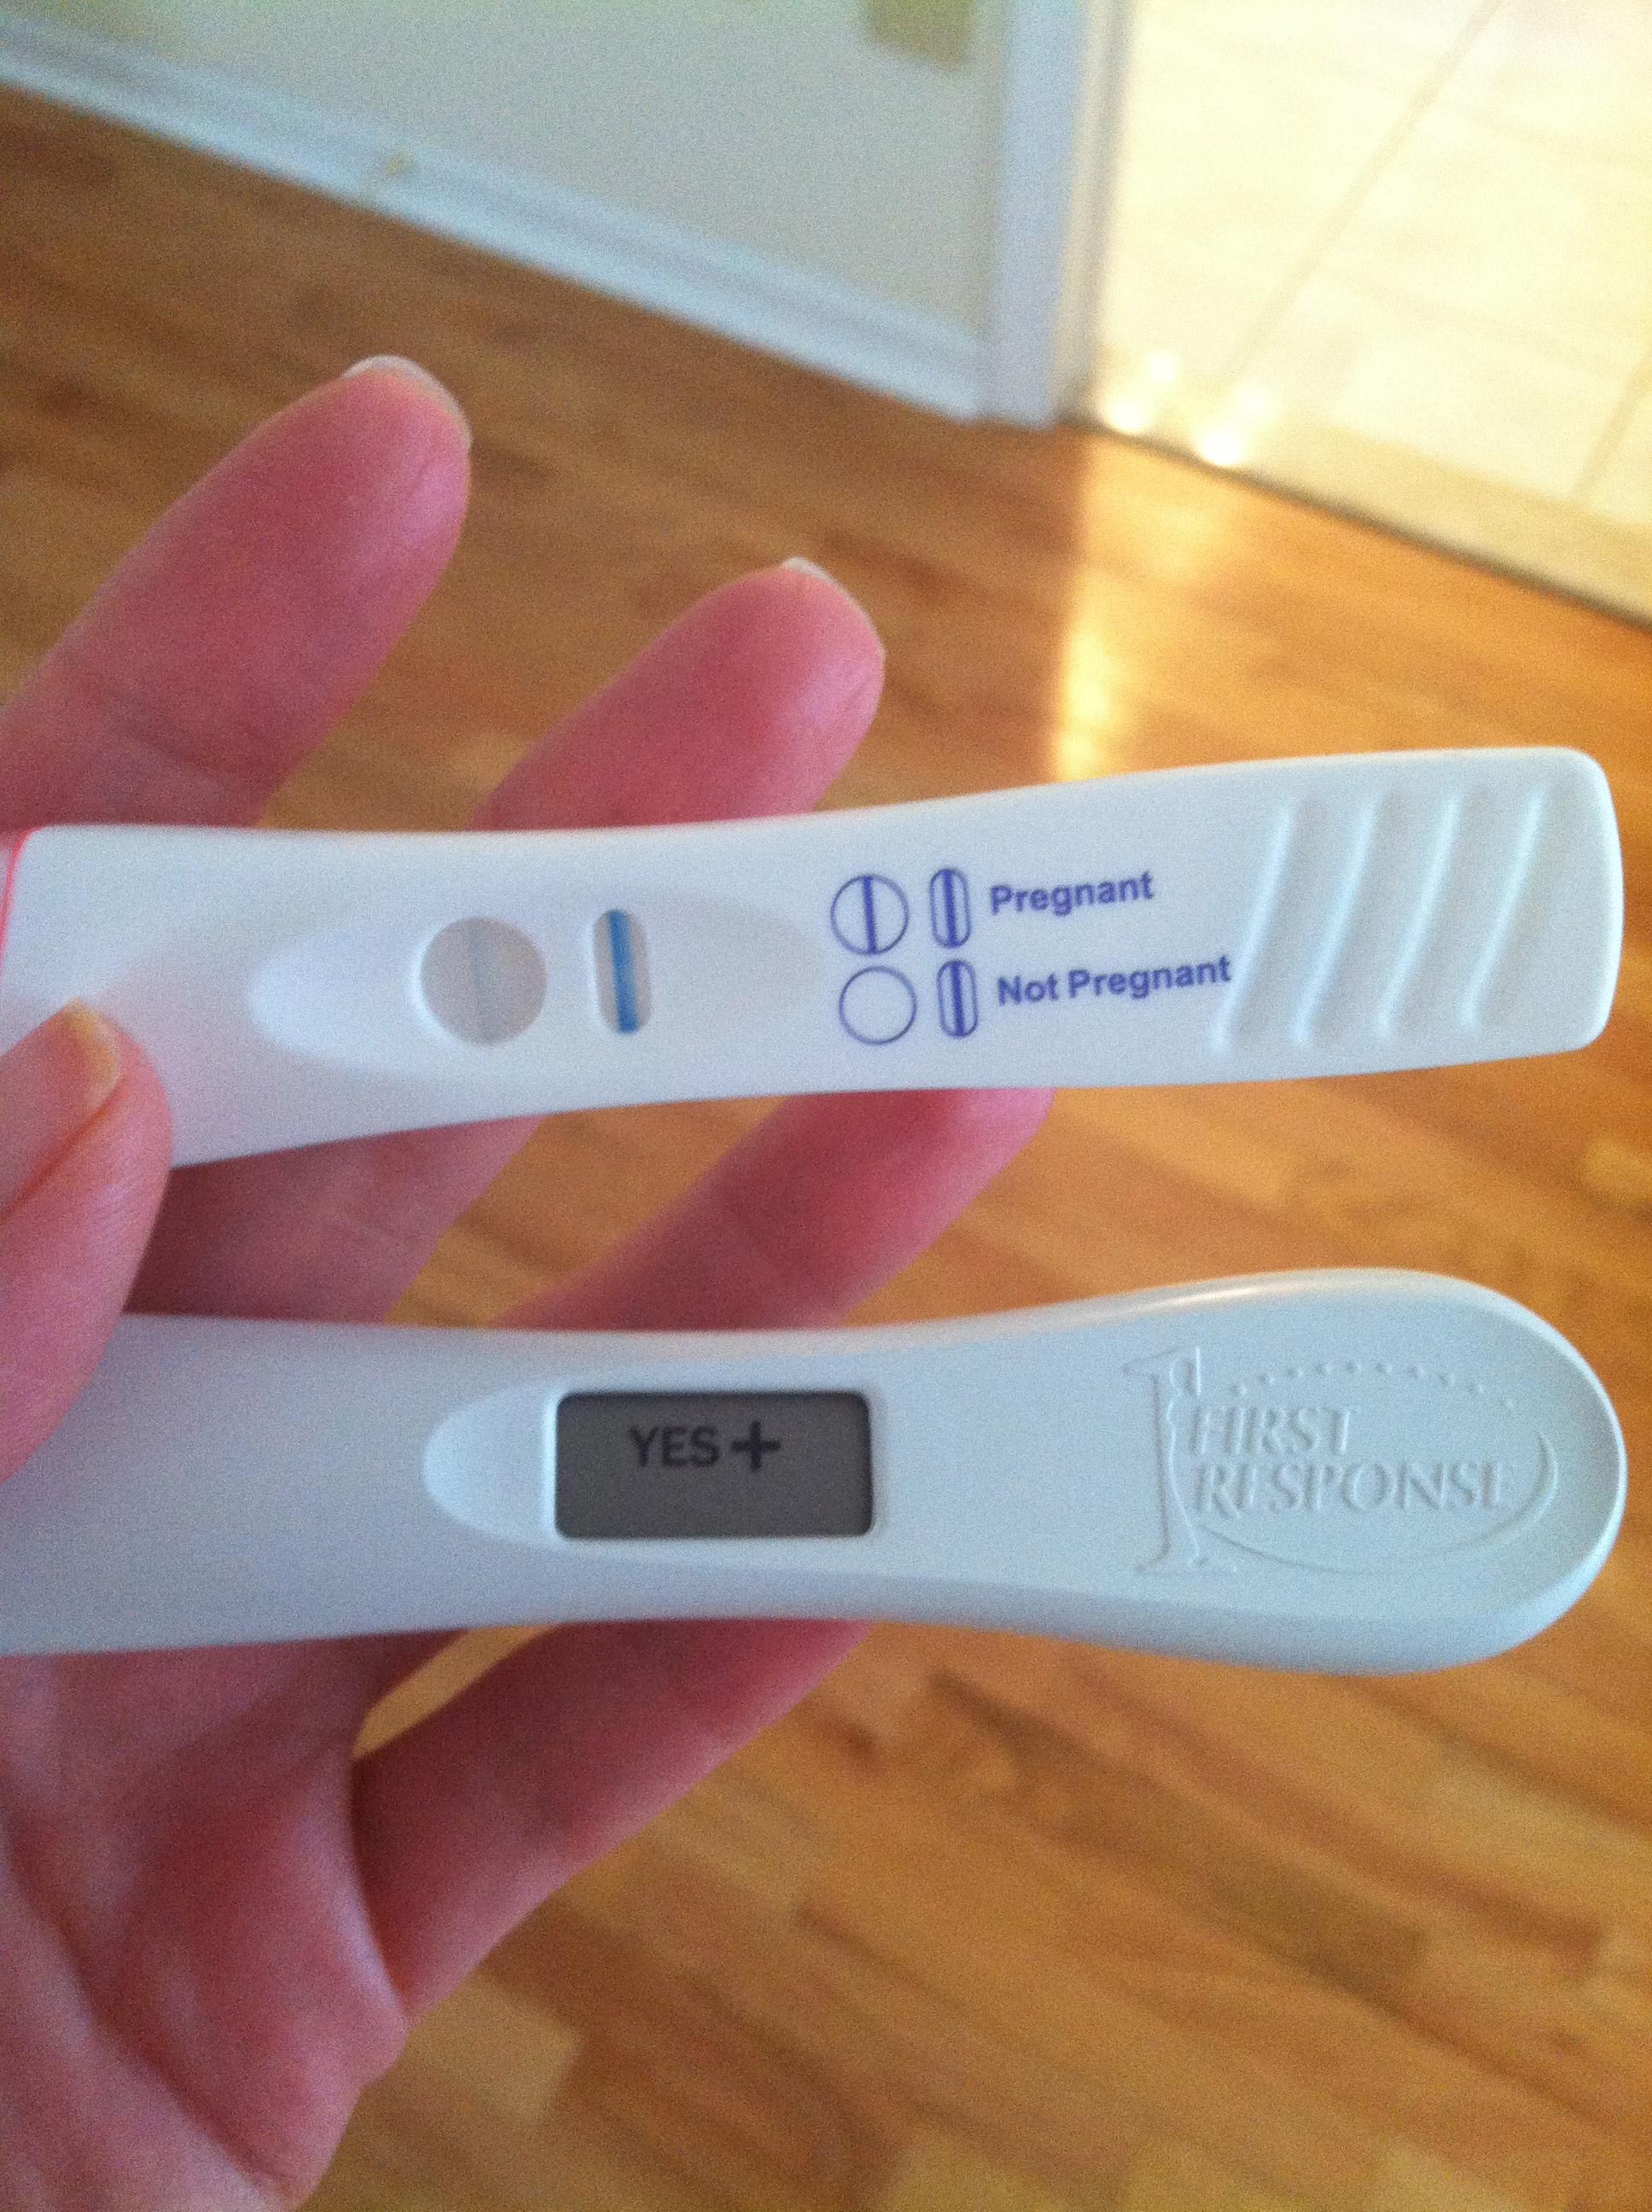 Обменная карта беременной и родовой сертификат 86